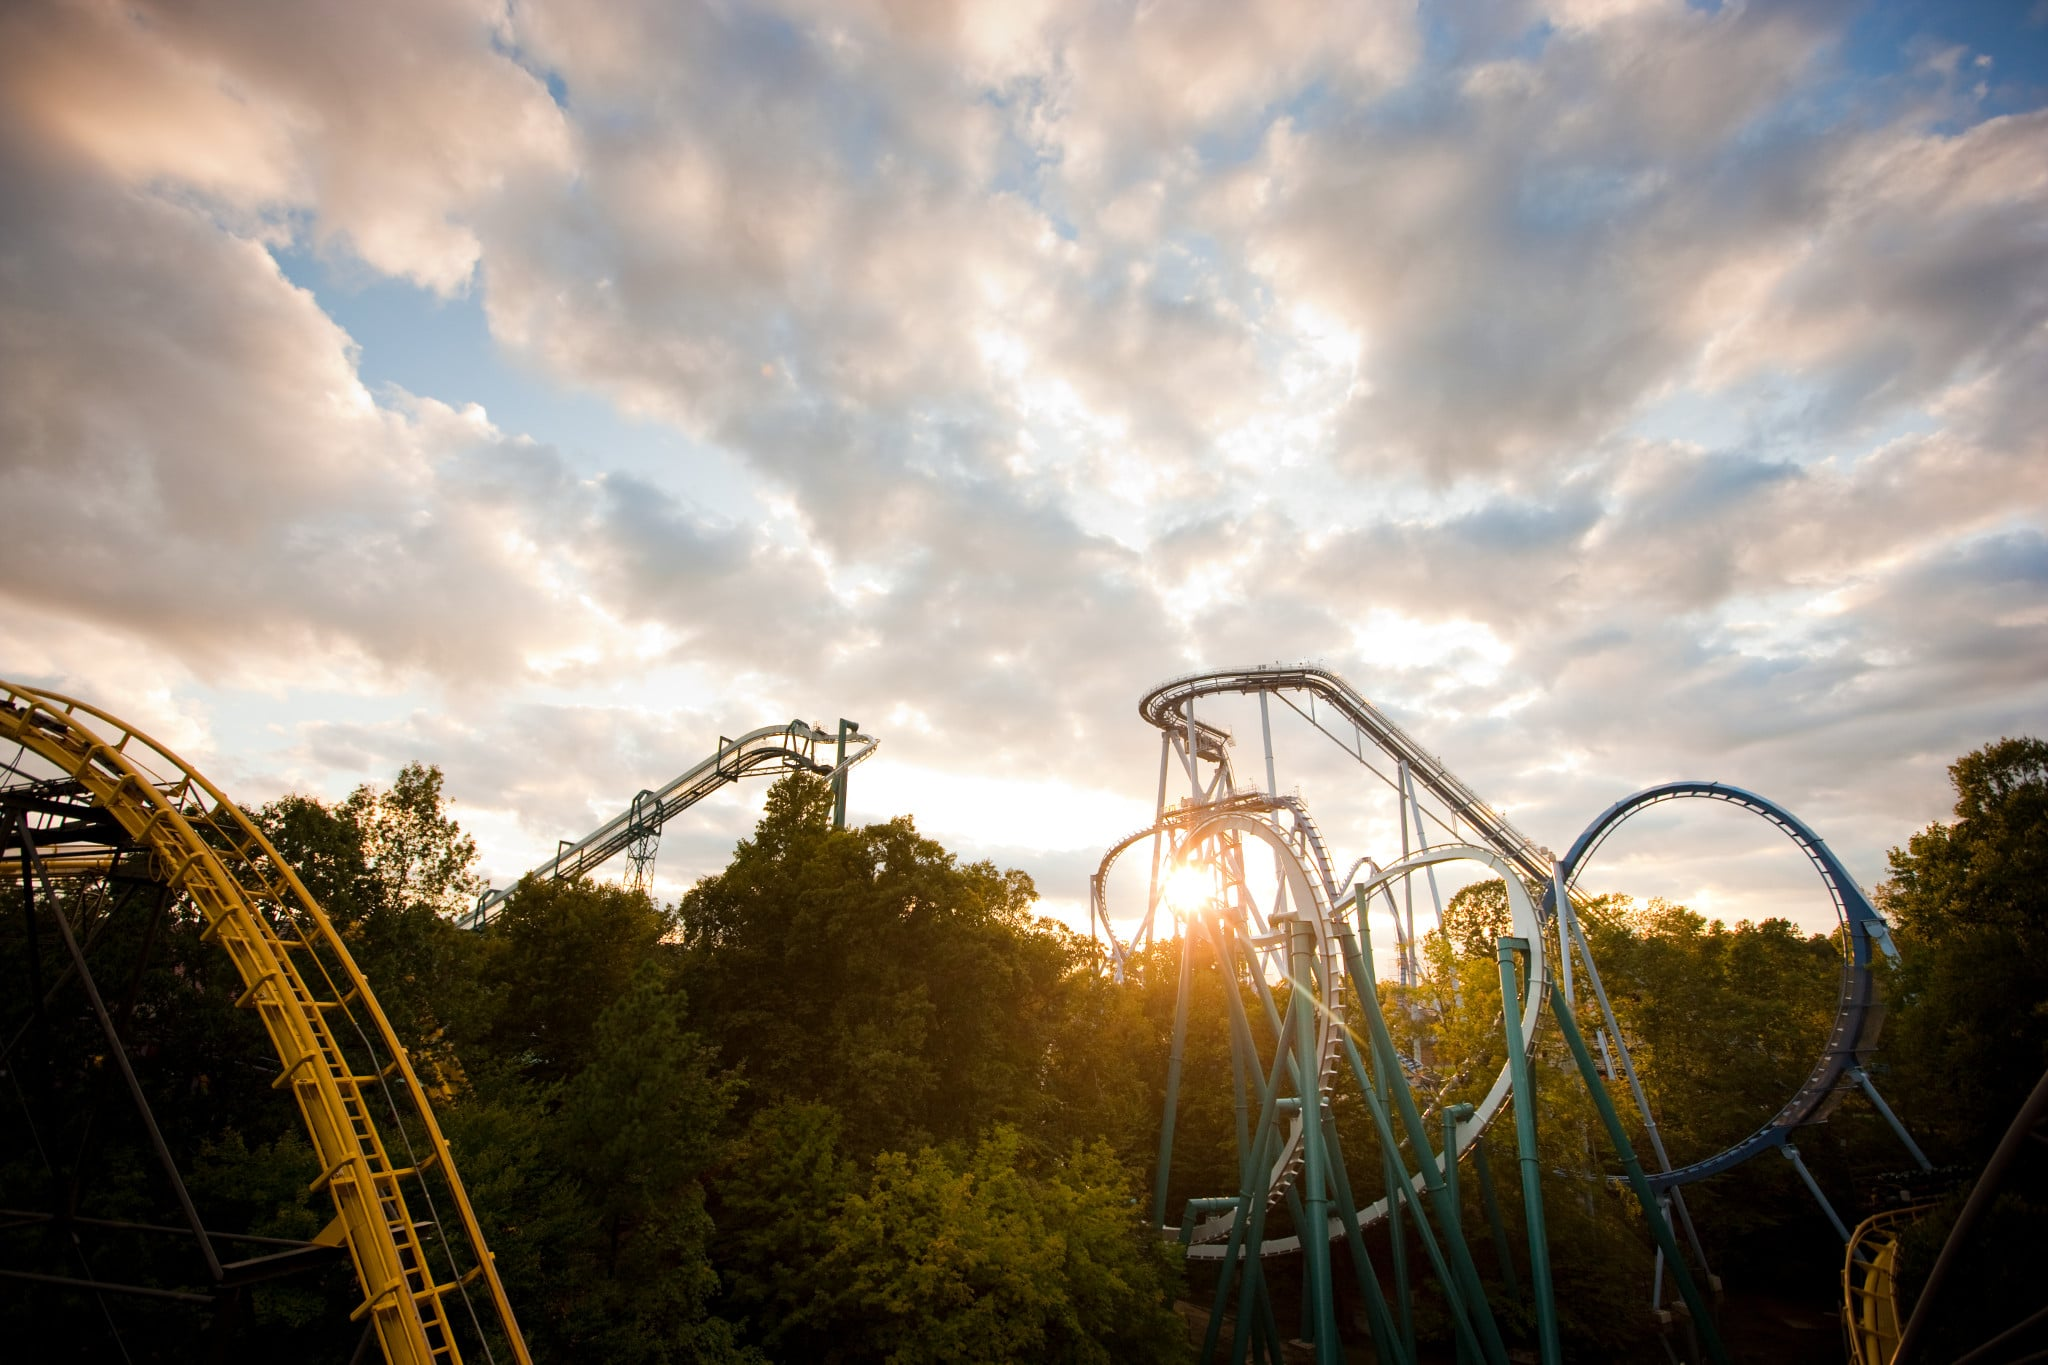 Busch Gardens Williamsburg Coasters Sunset photo.